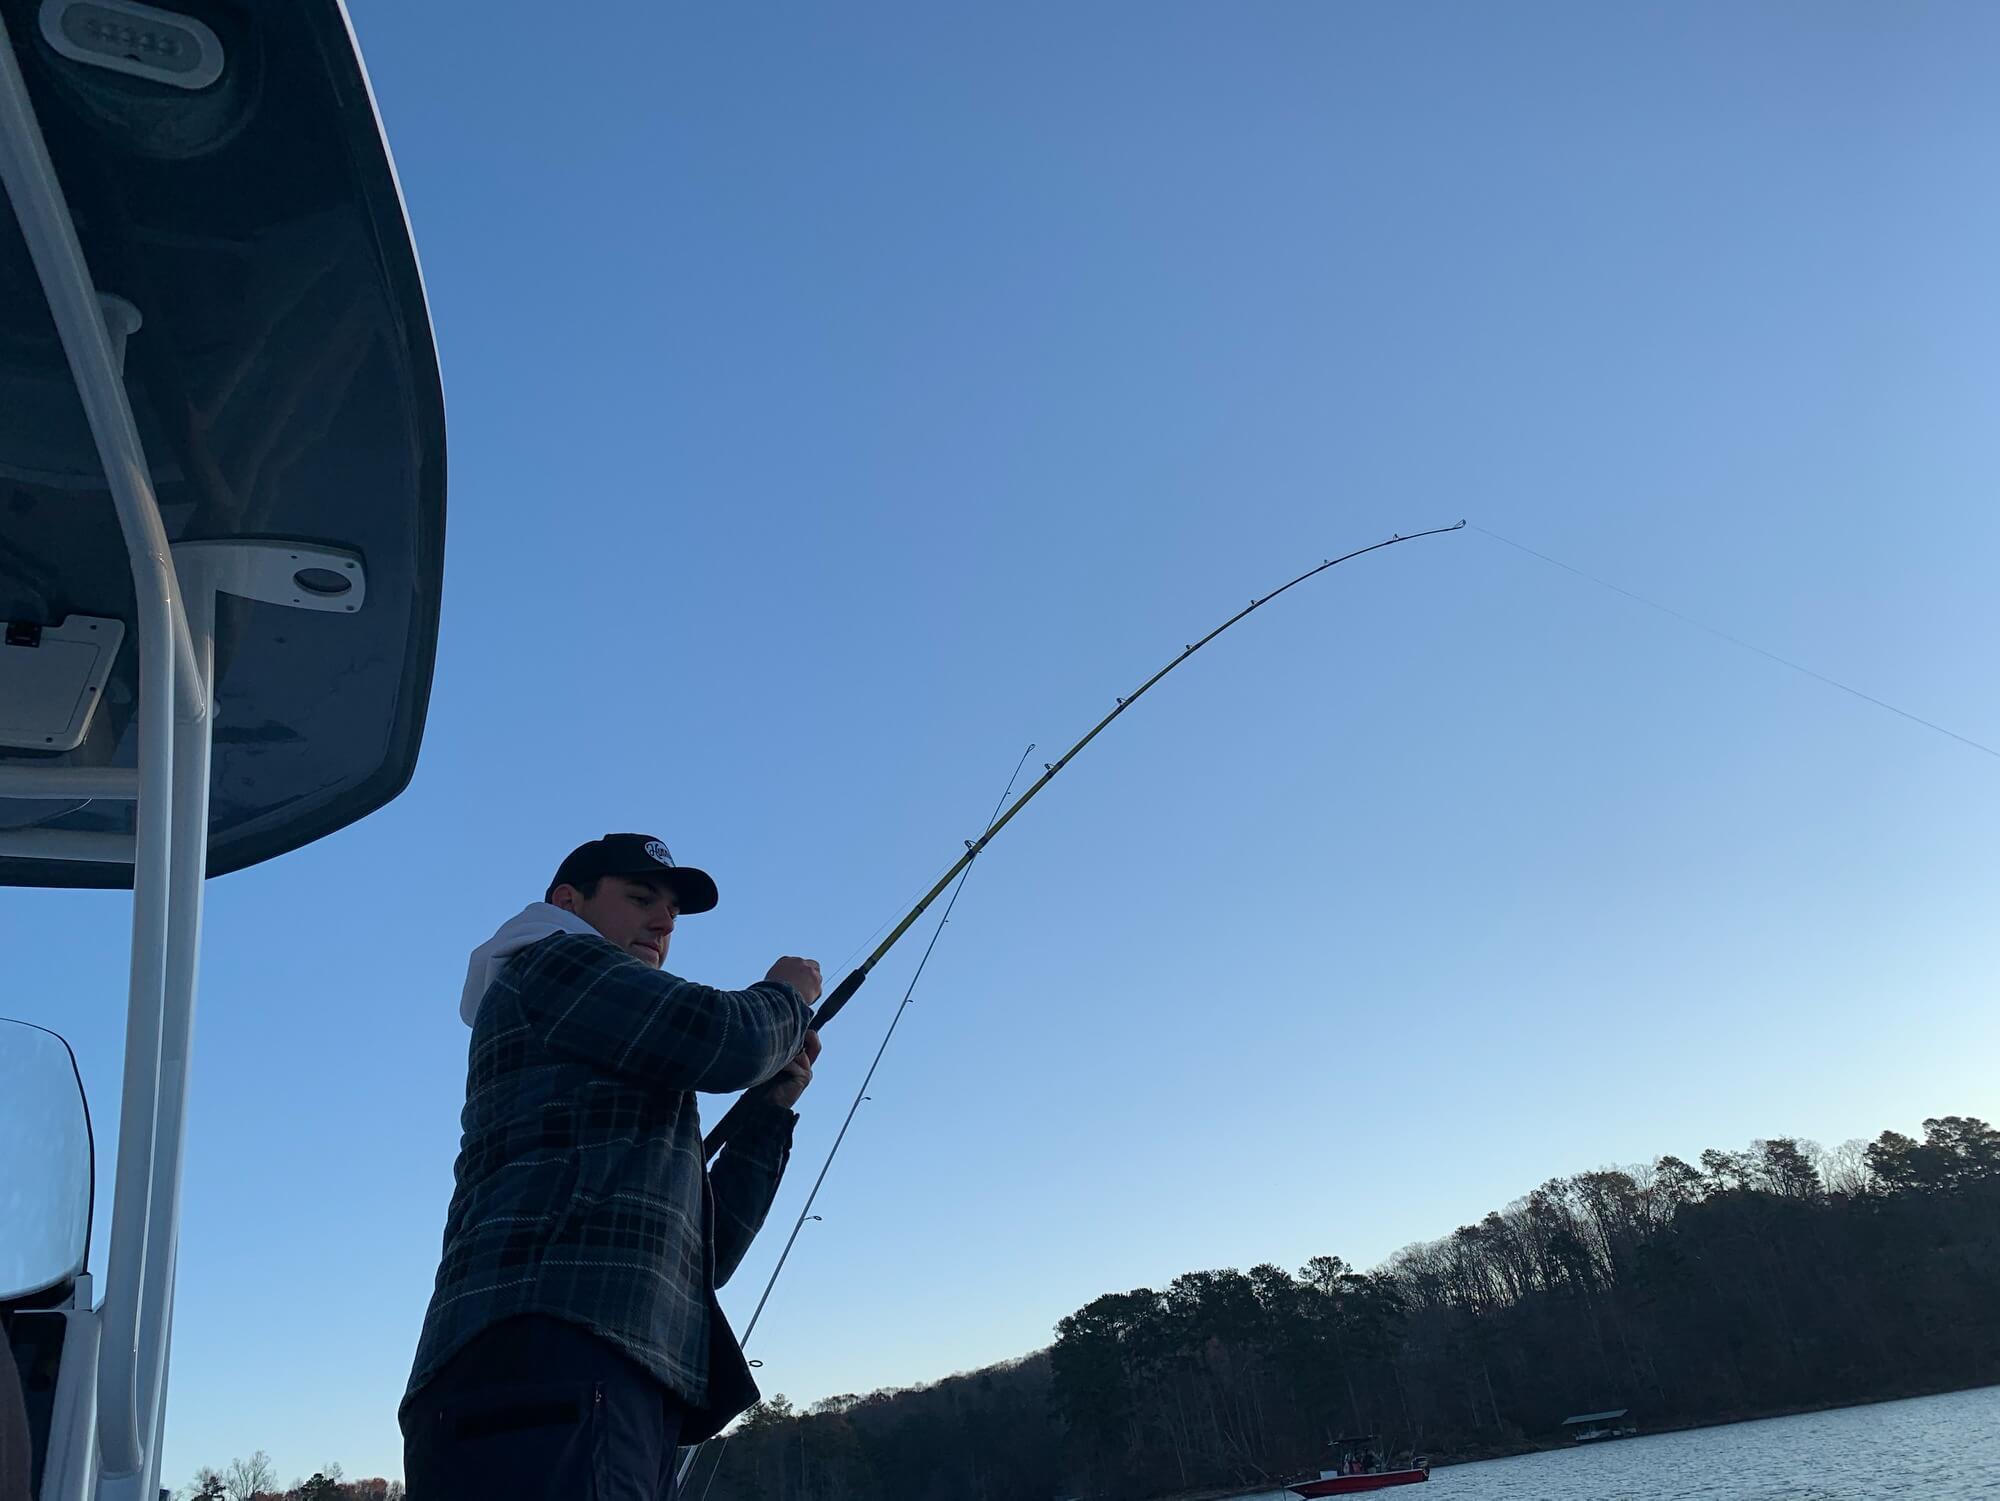 Lake Lanier Fishing Report December 6 2019